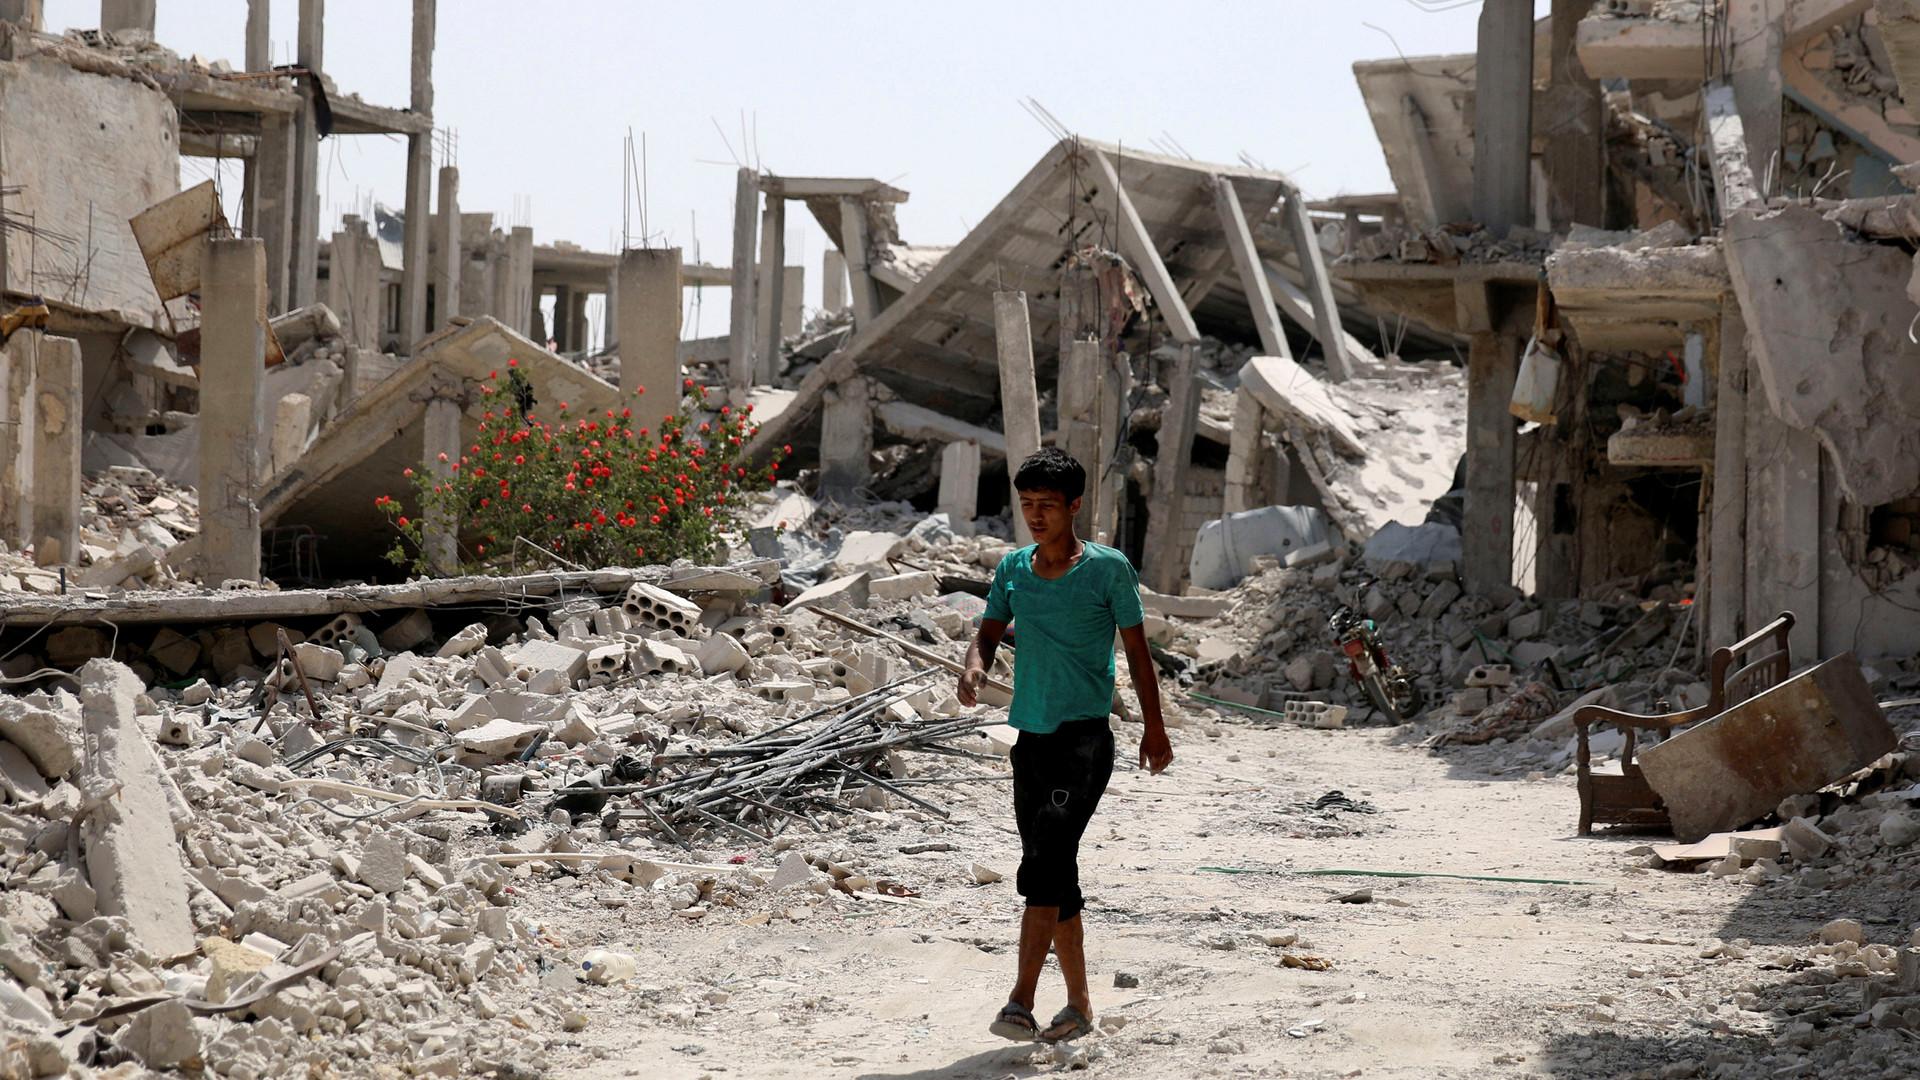 «Непреднамеренно убиты»: коалиция США признала ответственность за гибель более 600 мирных жителей в Ираке и Сирии